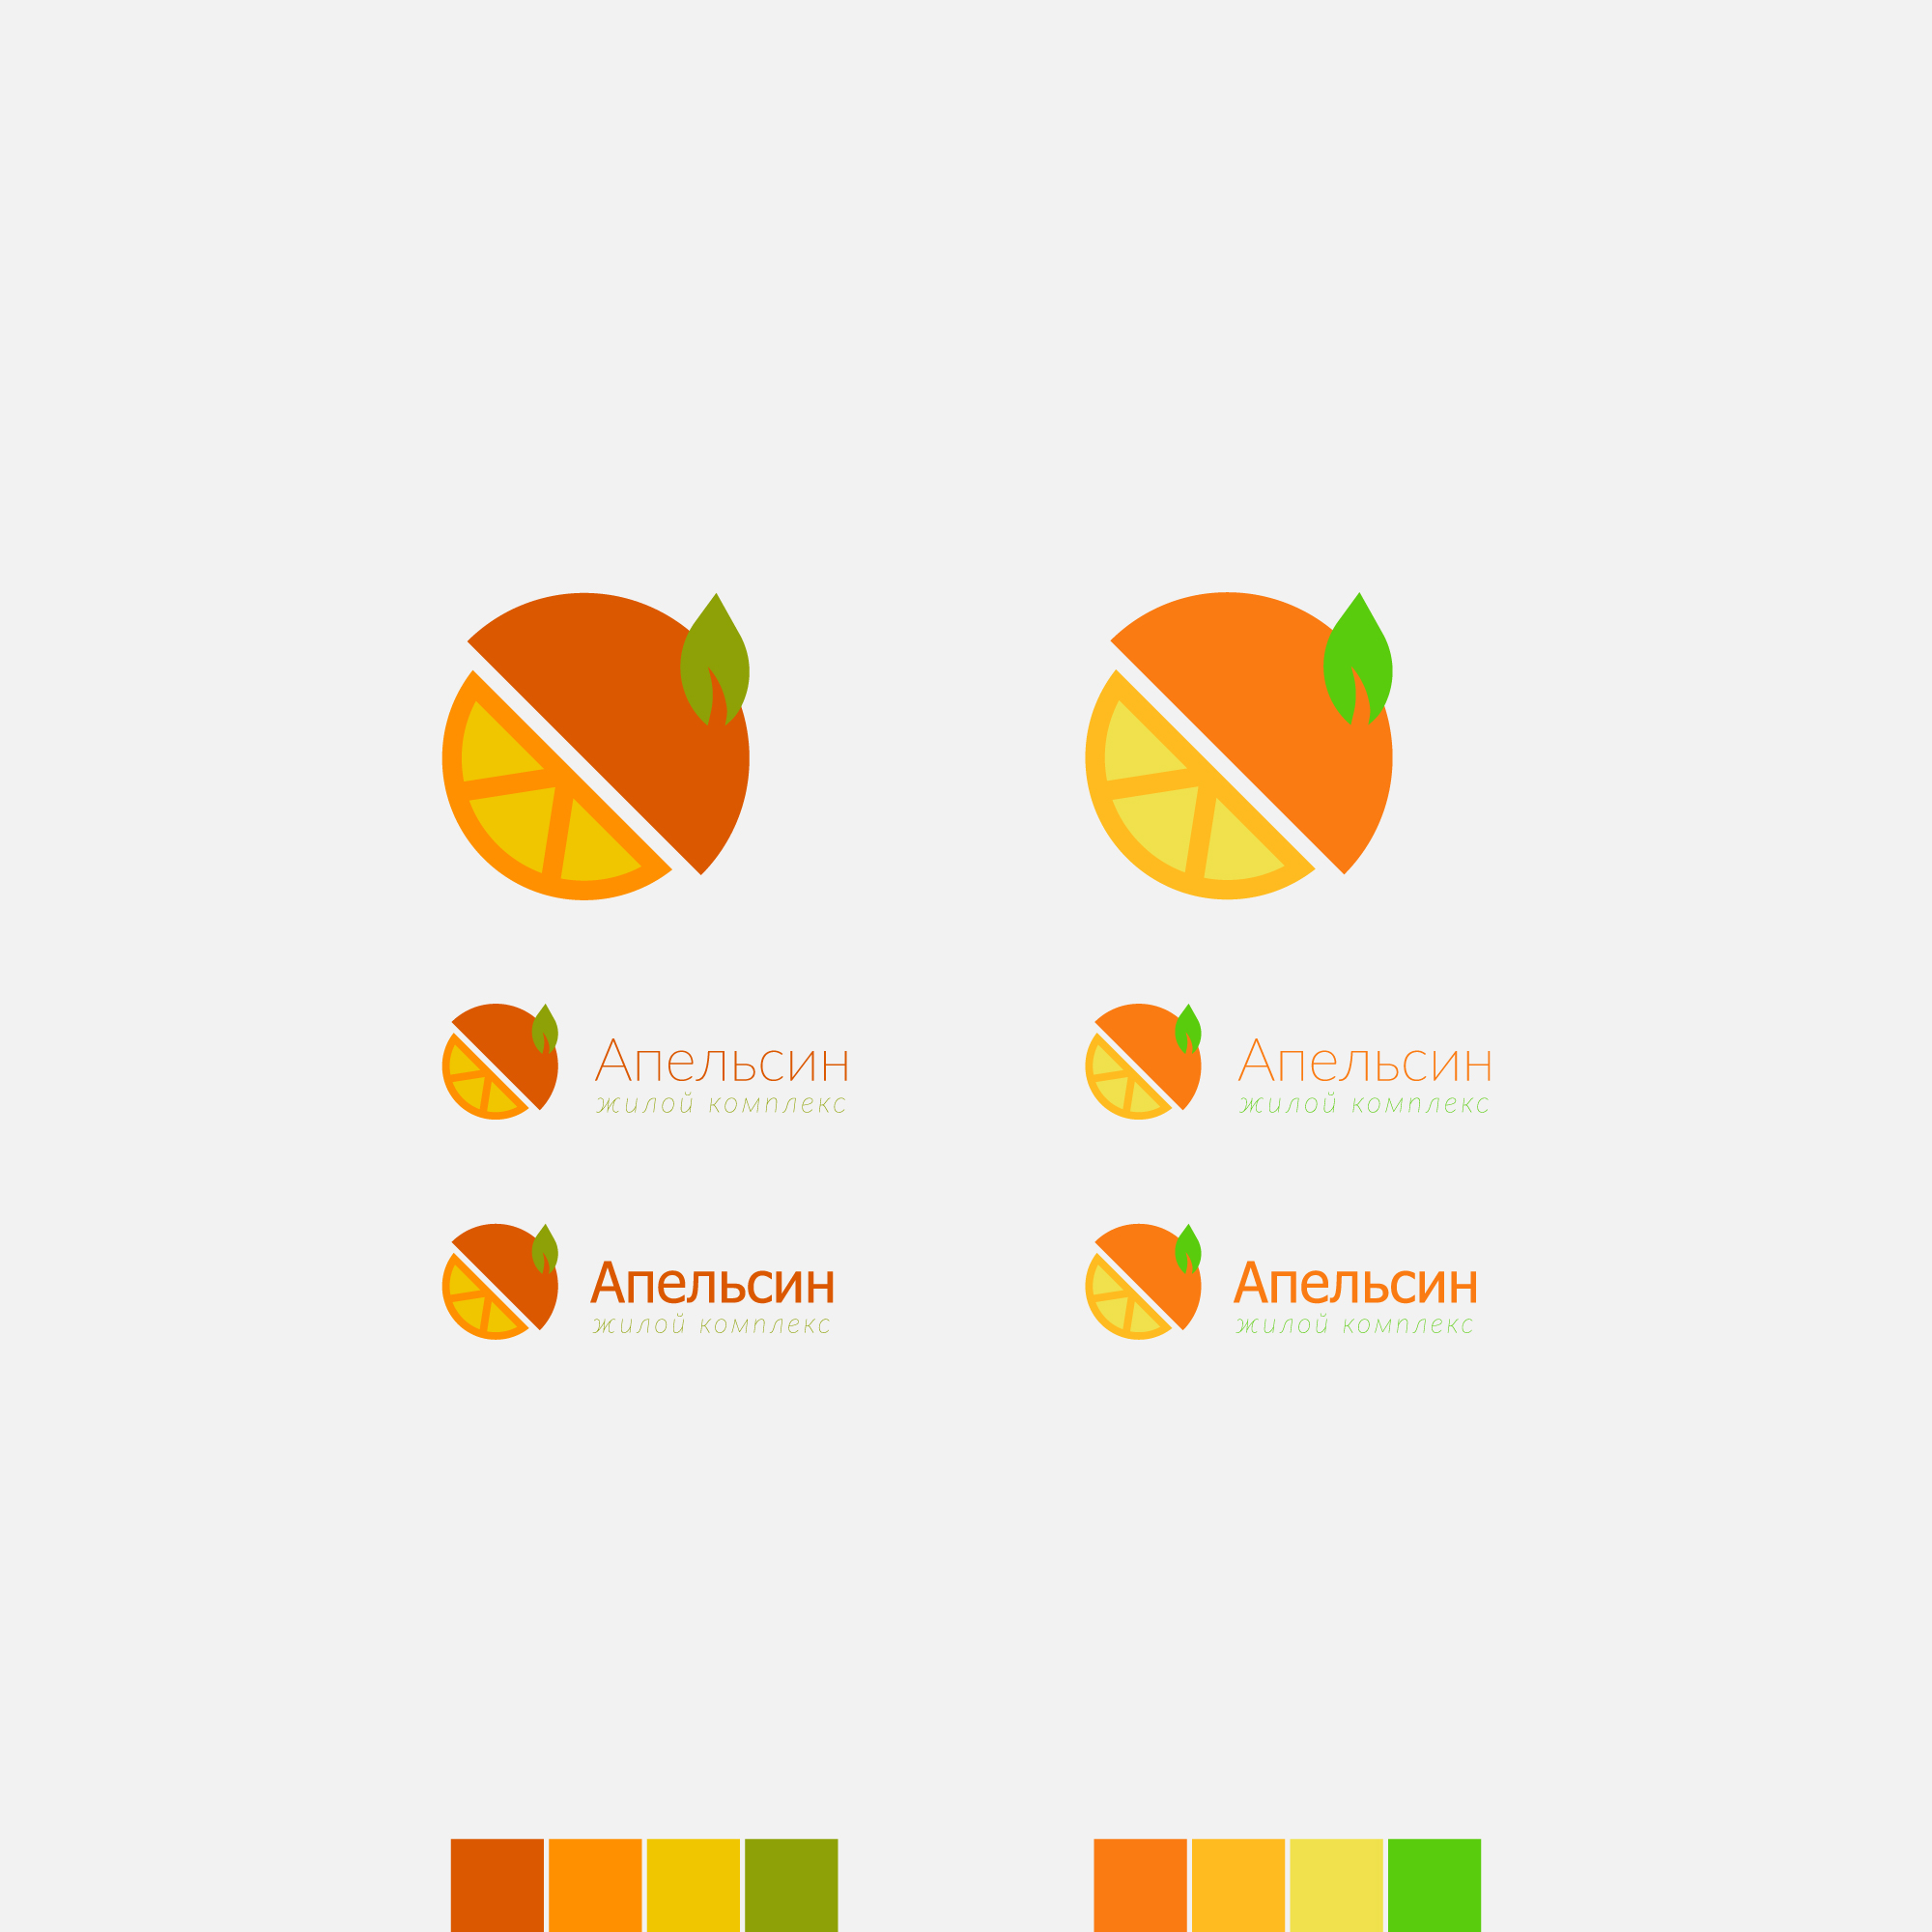 Логотип и фирменный стиль фото f_3735a638374b1e05.jpg